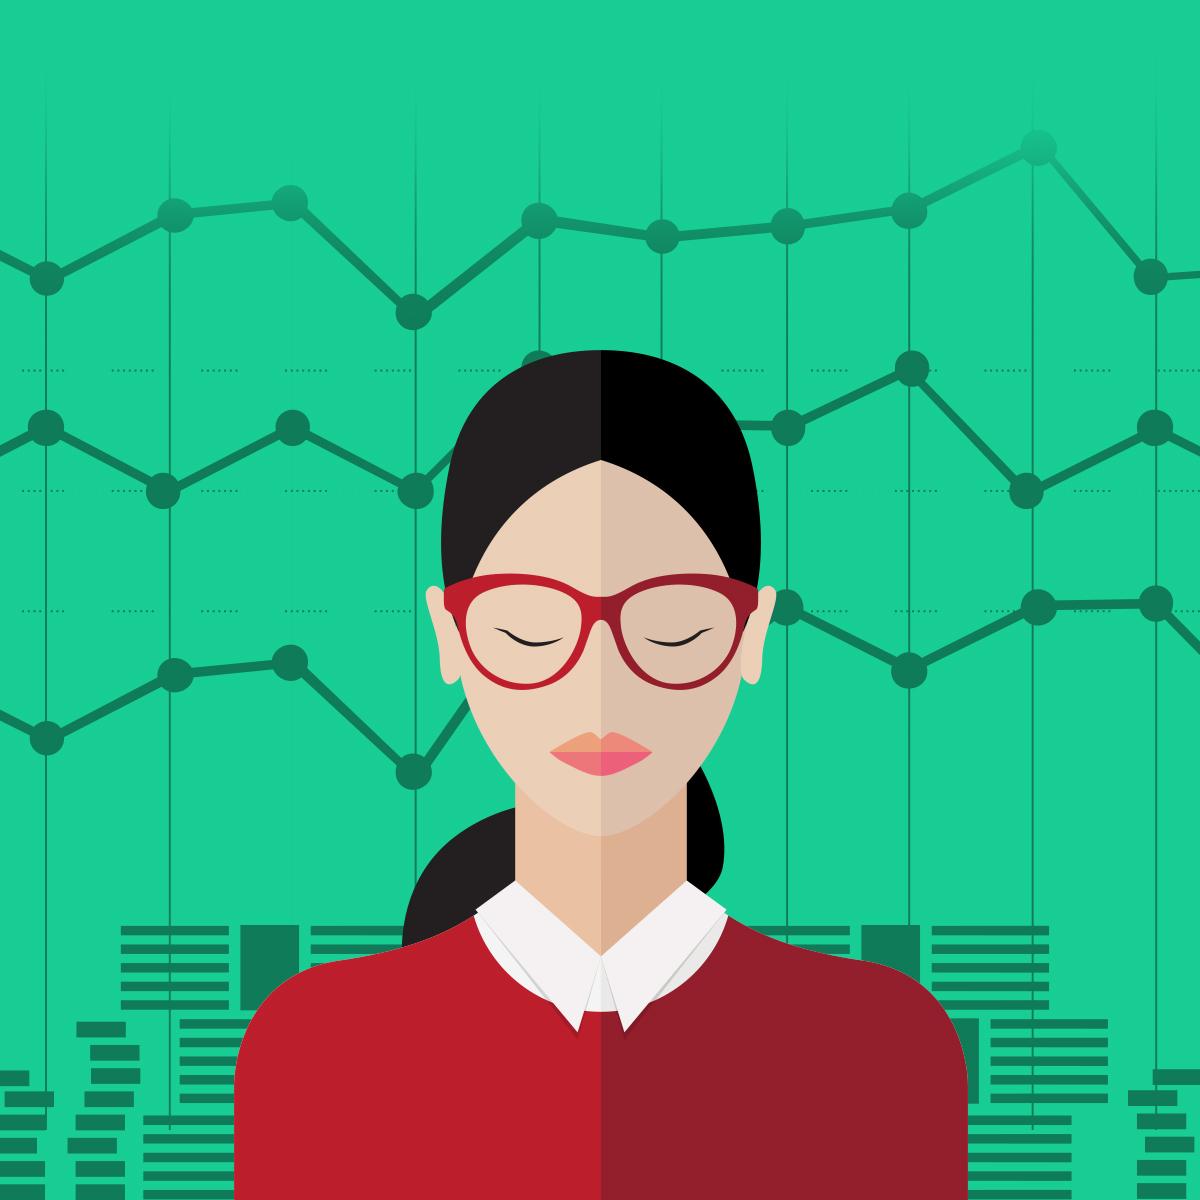 Investesc femeile mai puțin decât bărbații? Ce spun statisticile